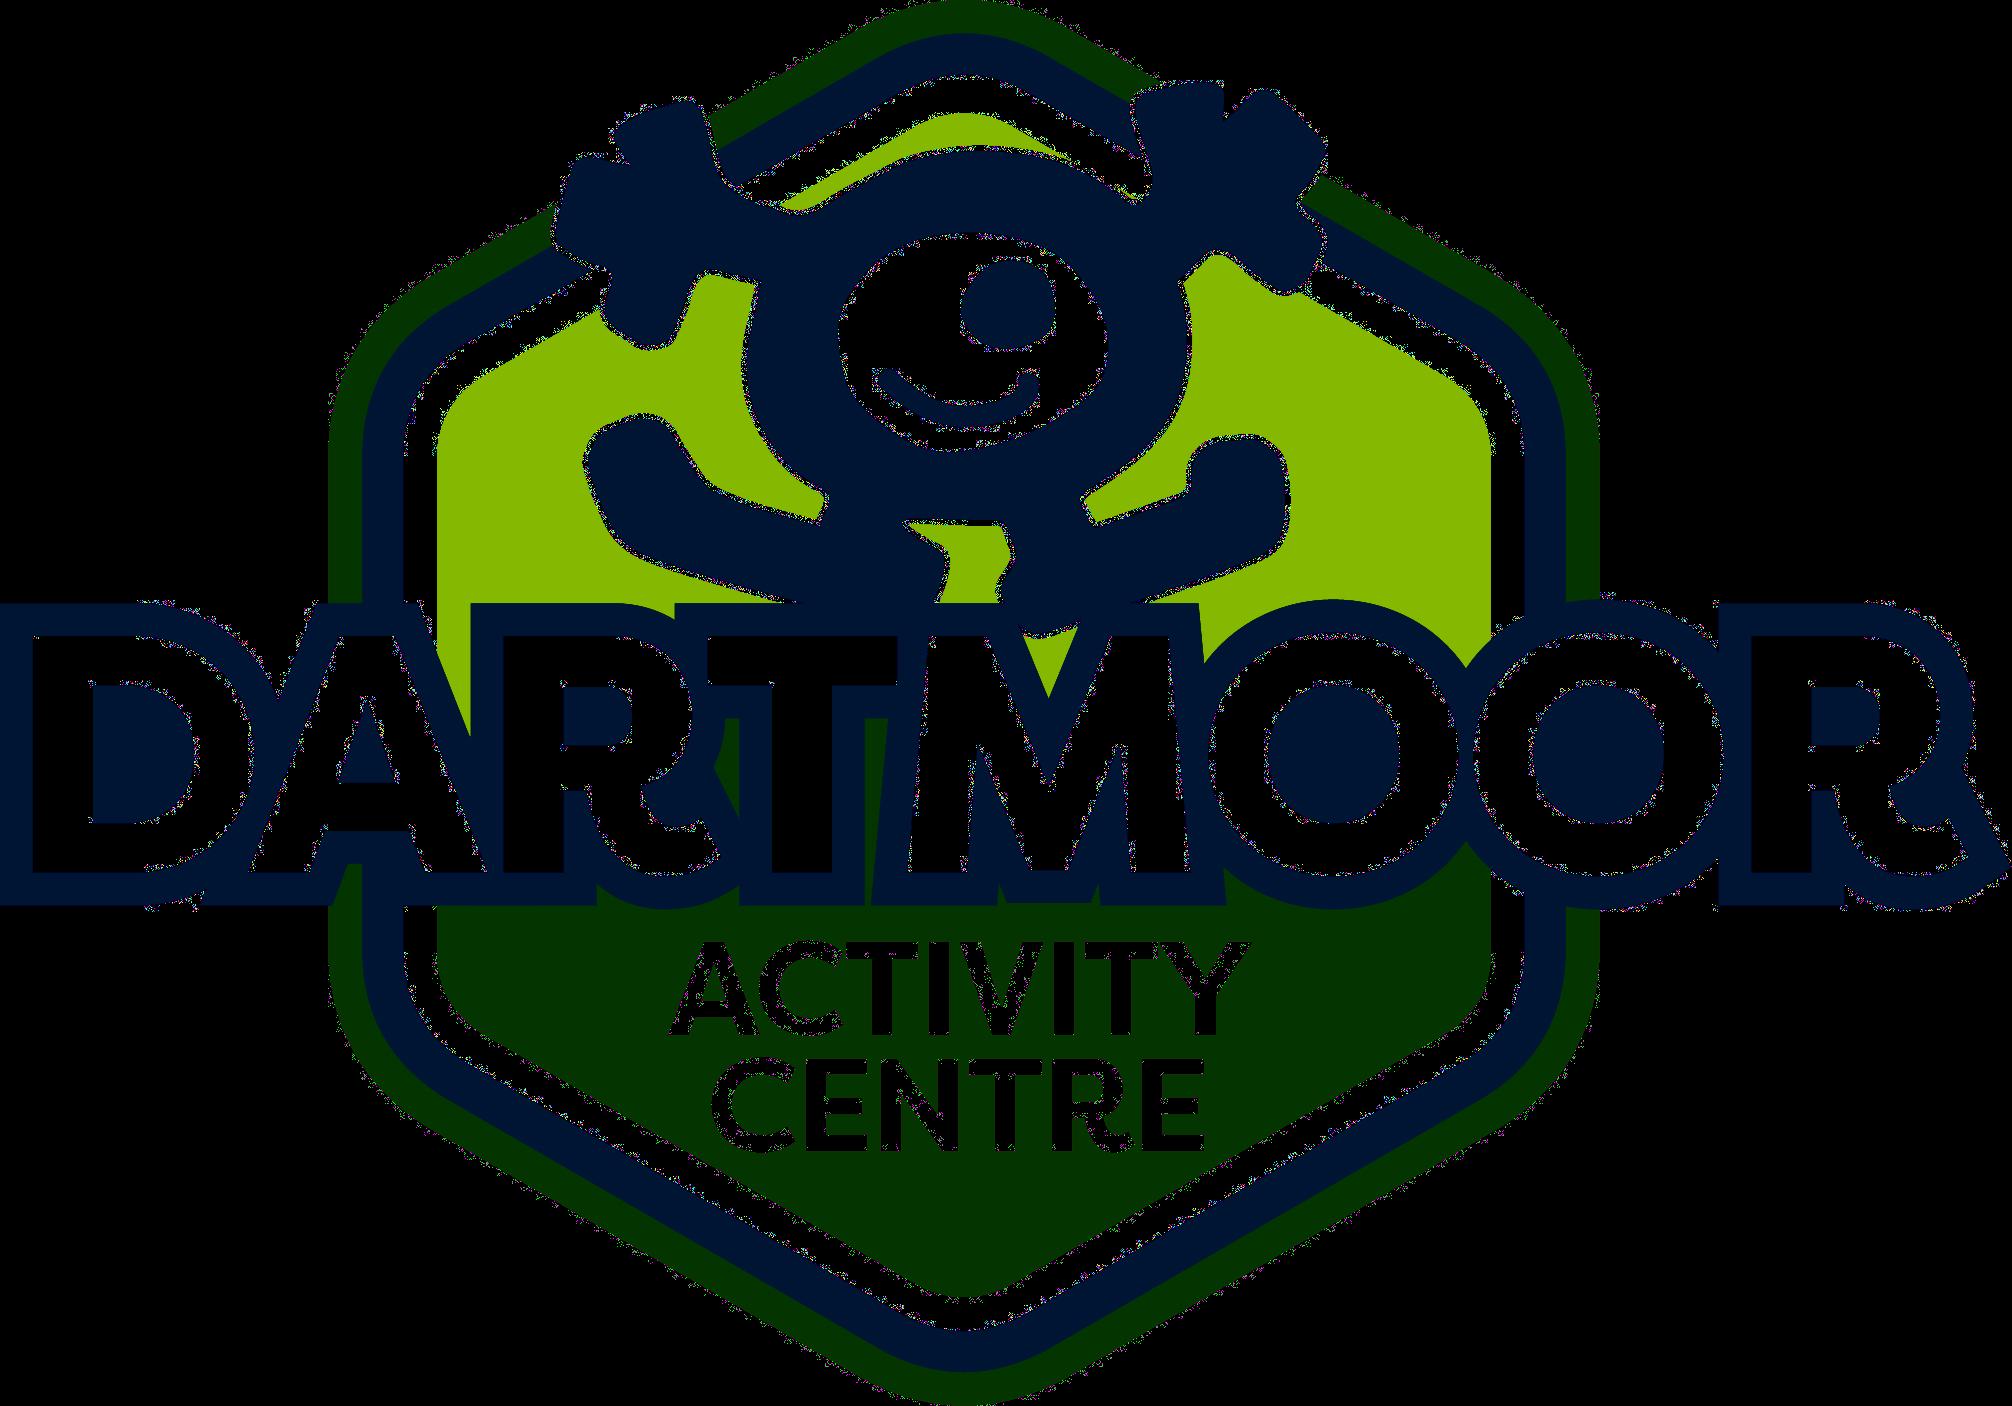 Dartmoor Activity Centre